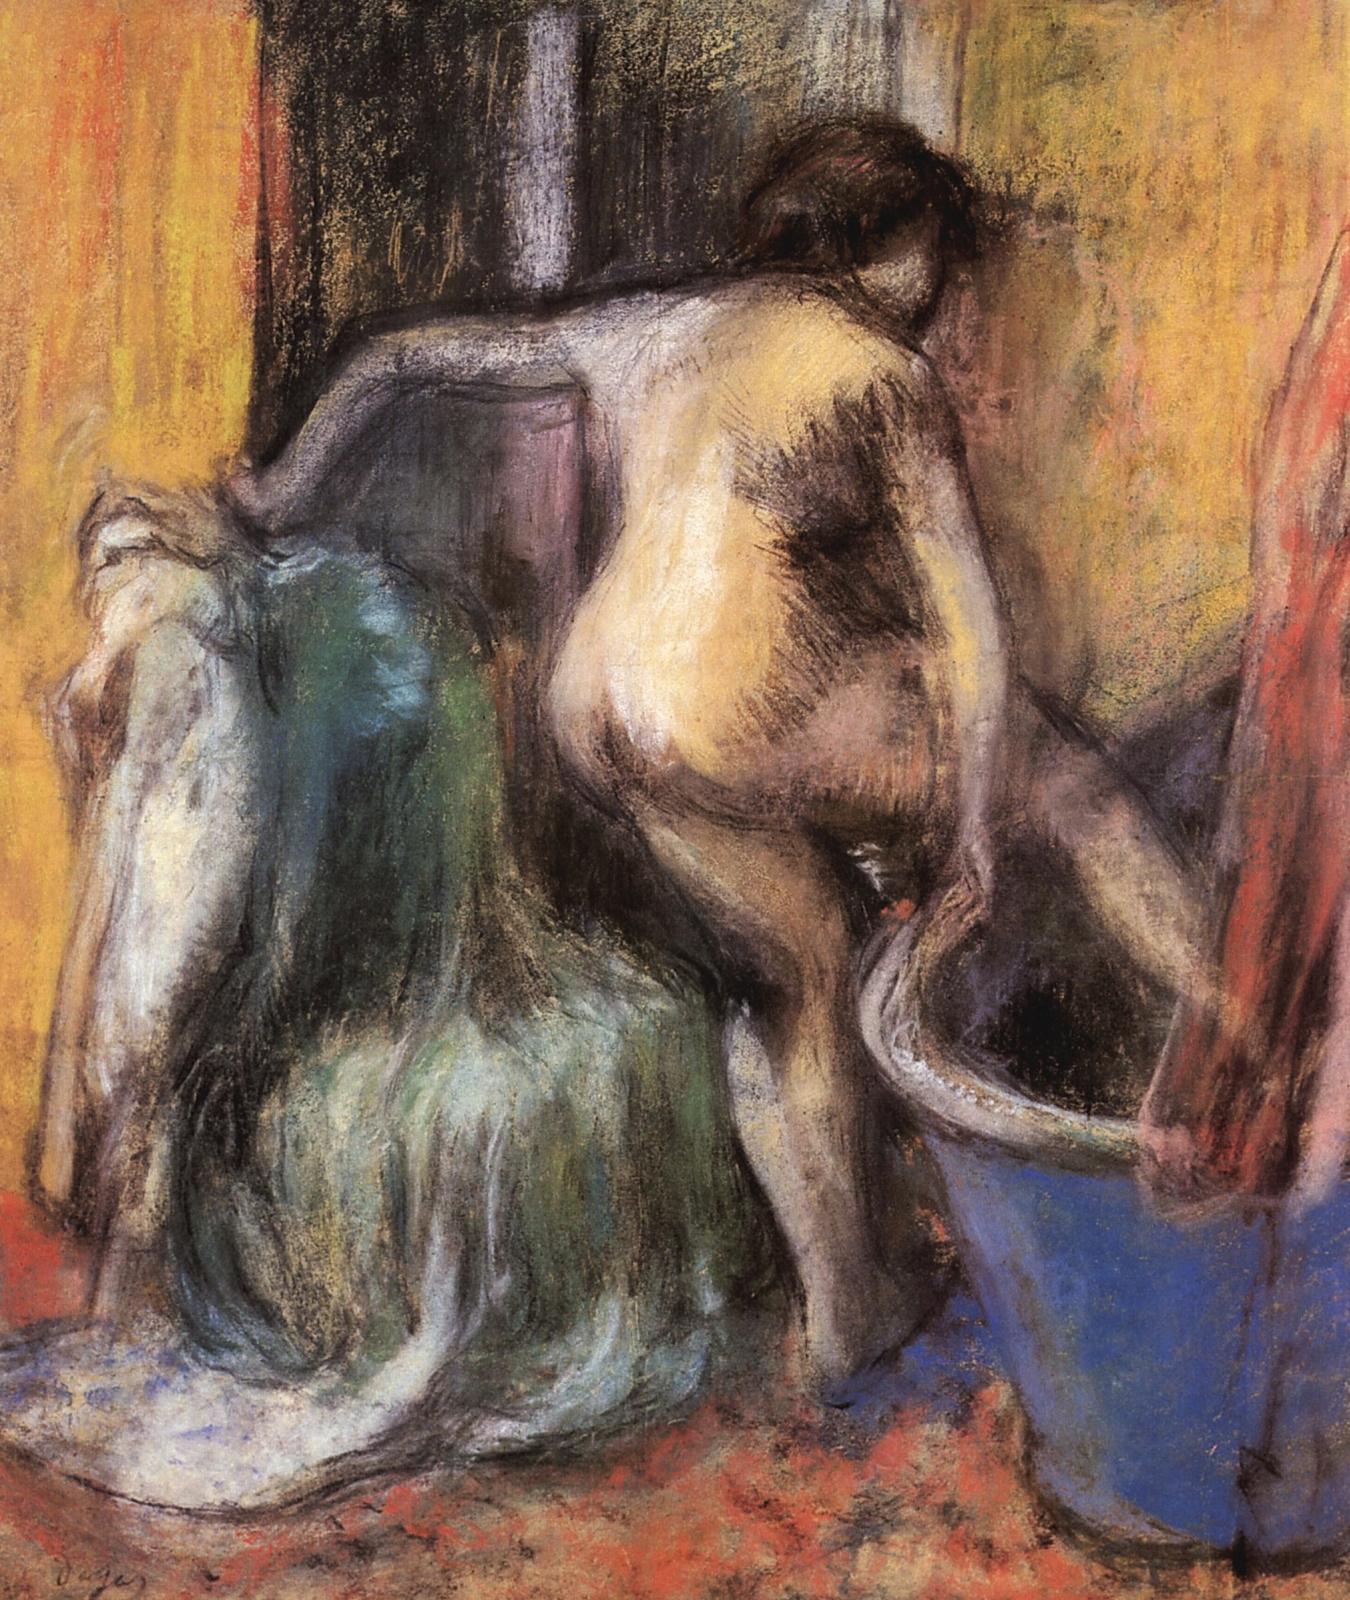 Эдгар Дега. Обнаженная, входящая в ванну